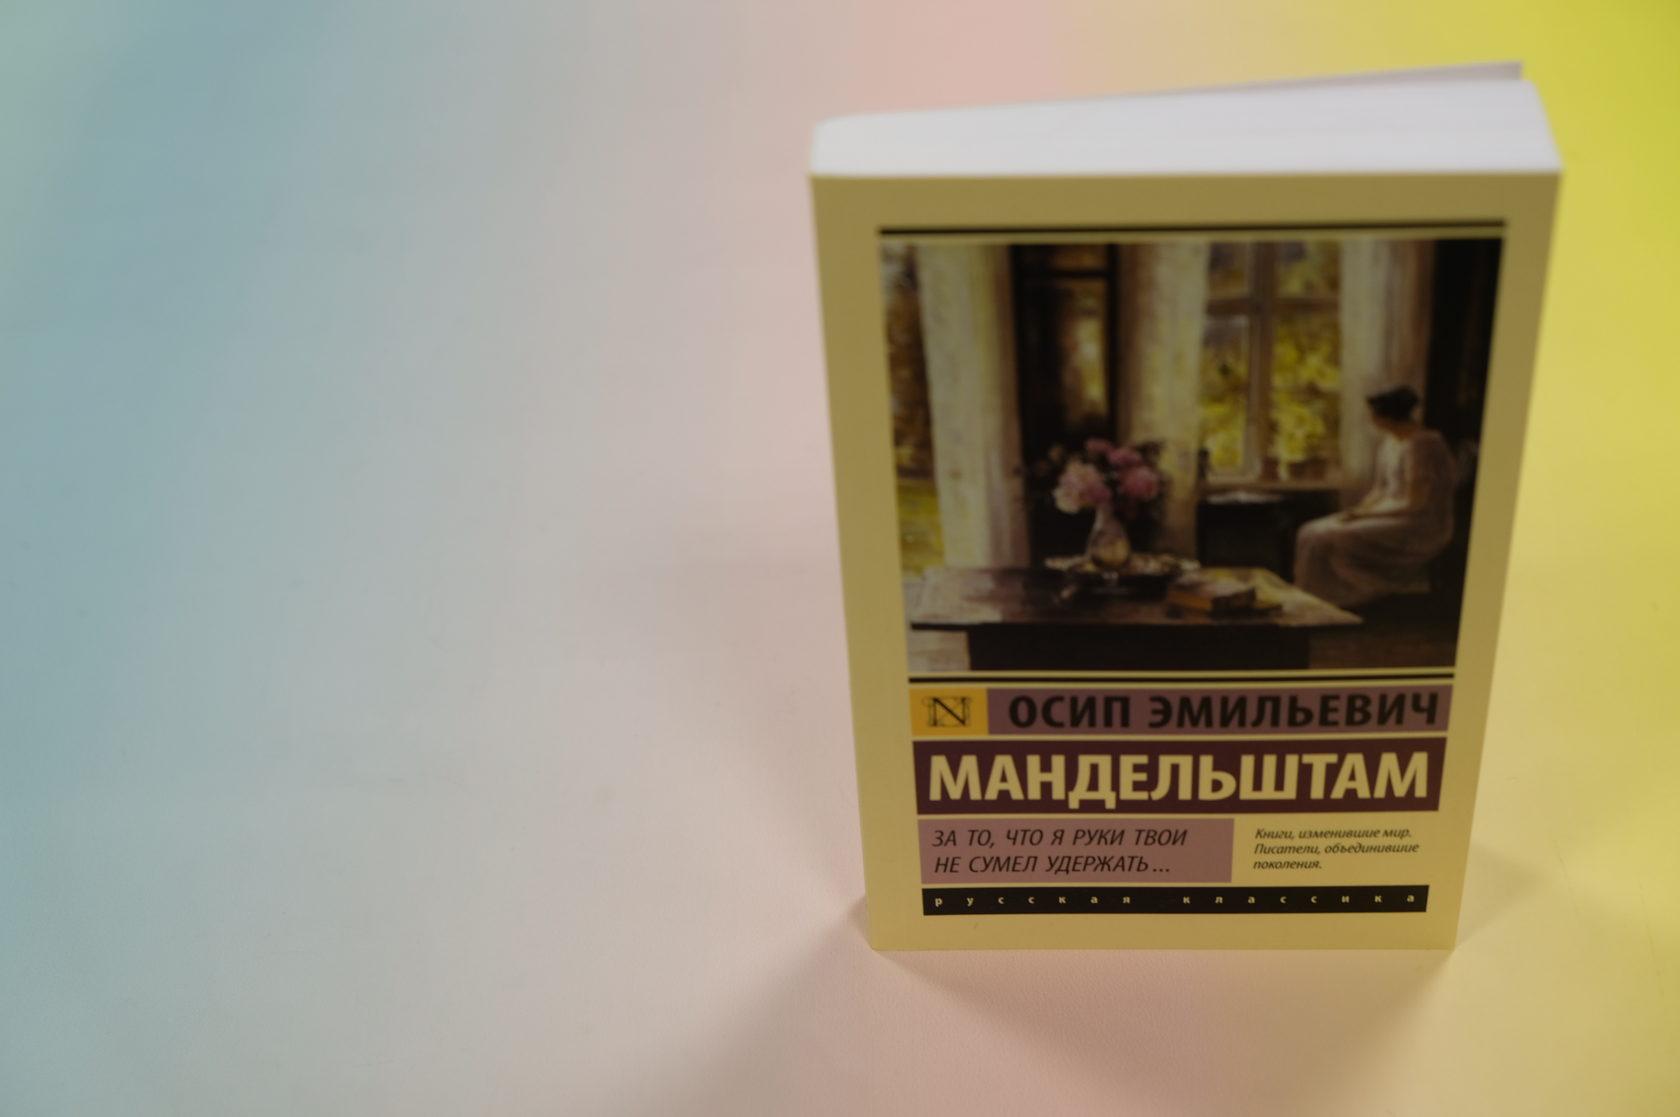 Осип Мандельштам «За то, что я руки твои не сумел удержать...»